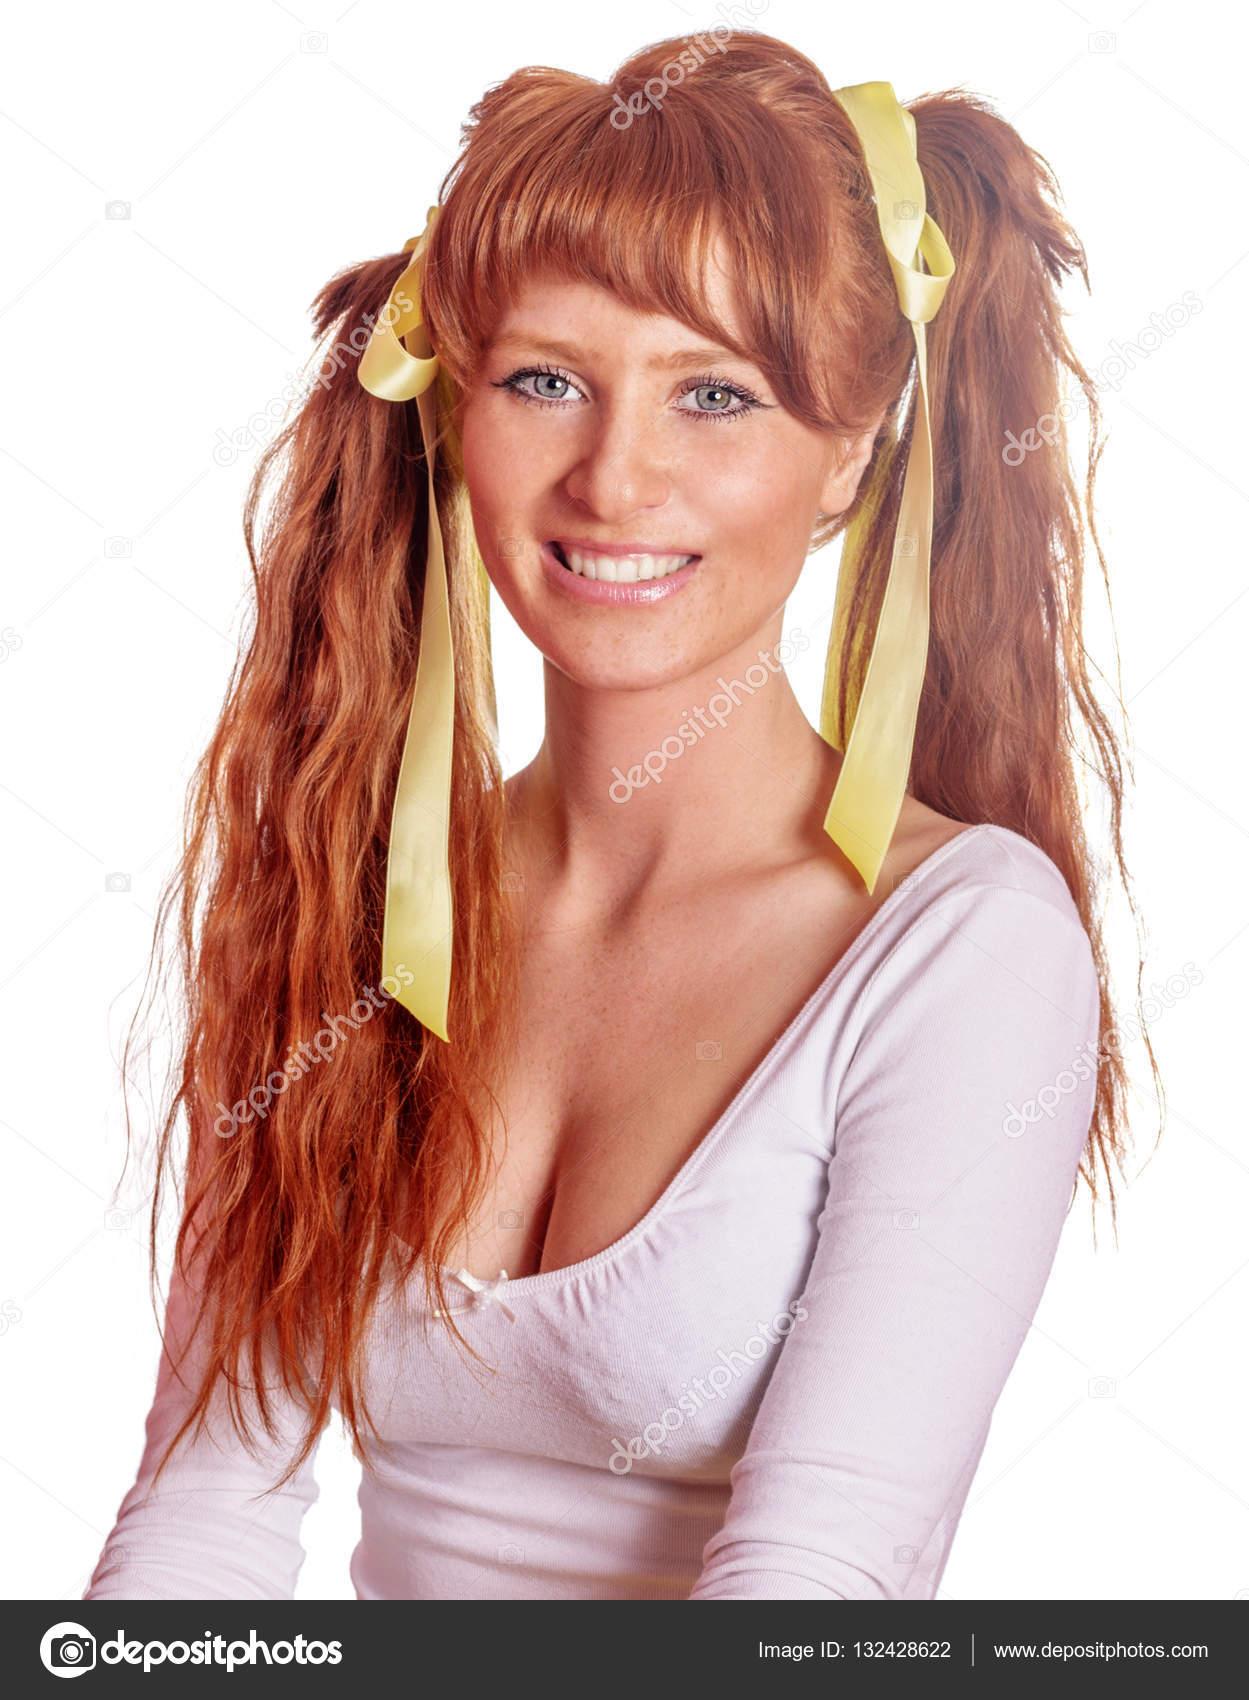 Рыжая девушка с хвостиком фото